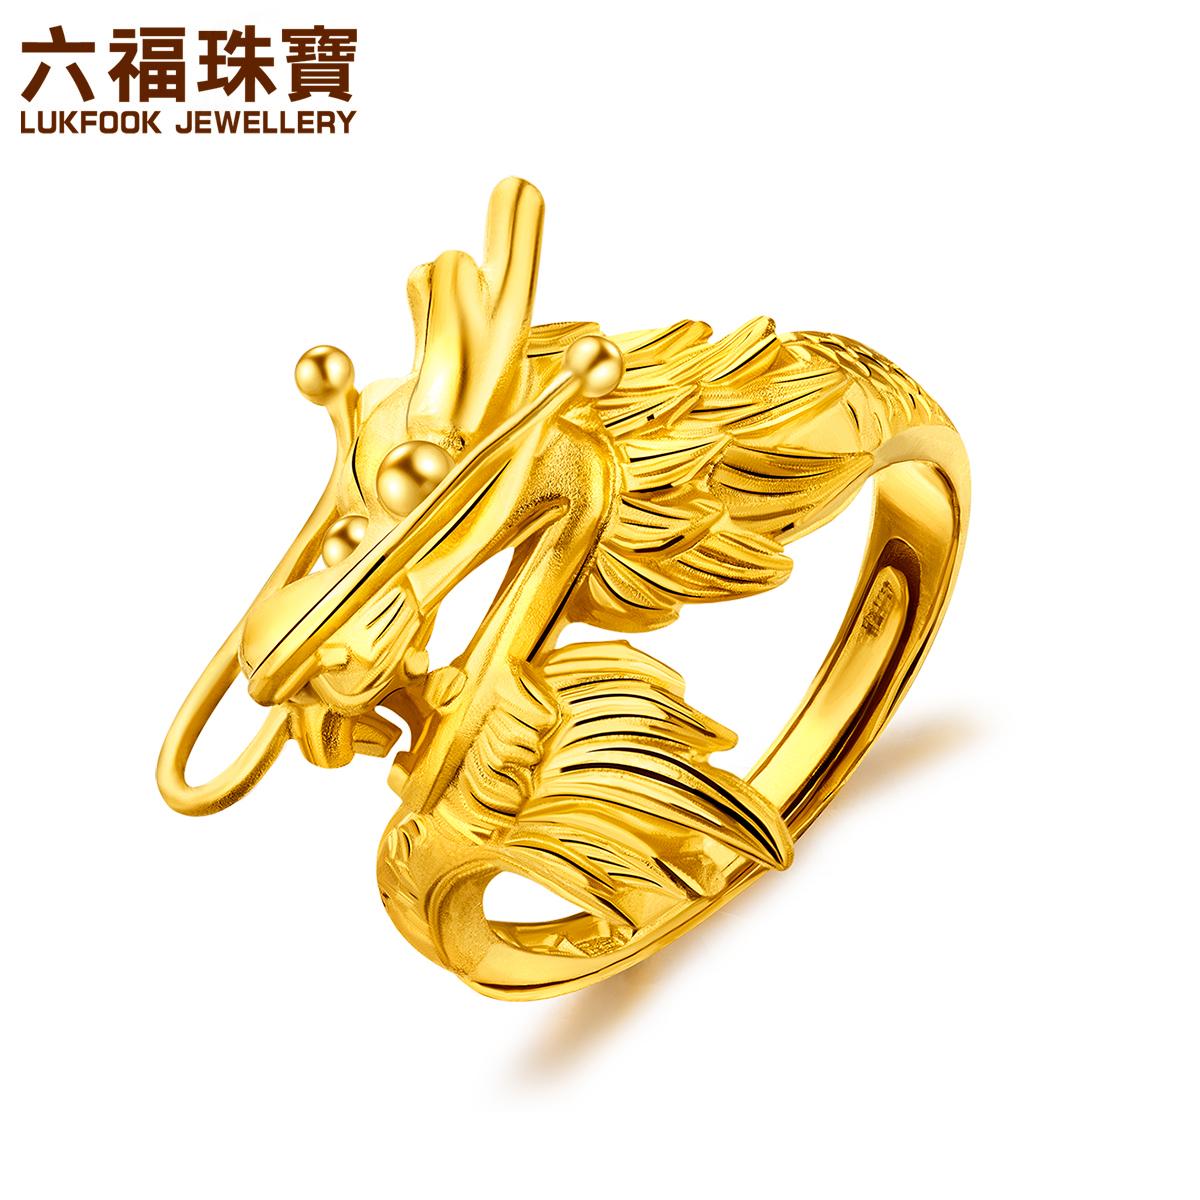 六福珠宝婚嫁黄金戒指男款足金结婚龙凤对戒之龙戒计价 GAG40005